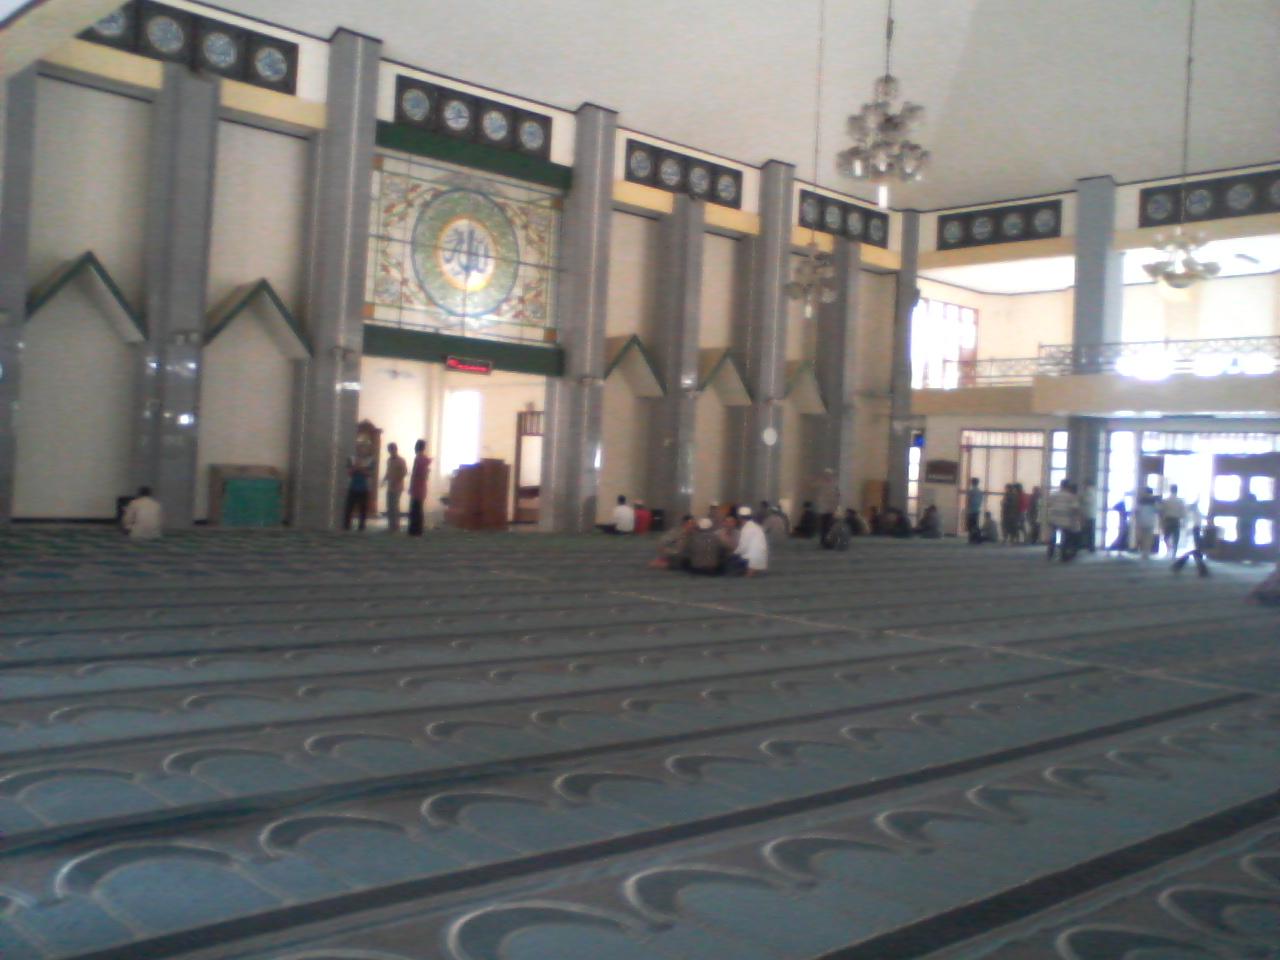 Bahasa Indonesia: Bagian dalam dari masjid Agu...